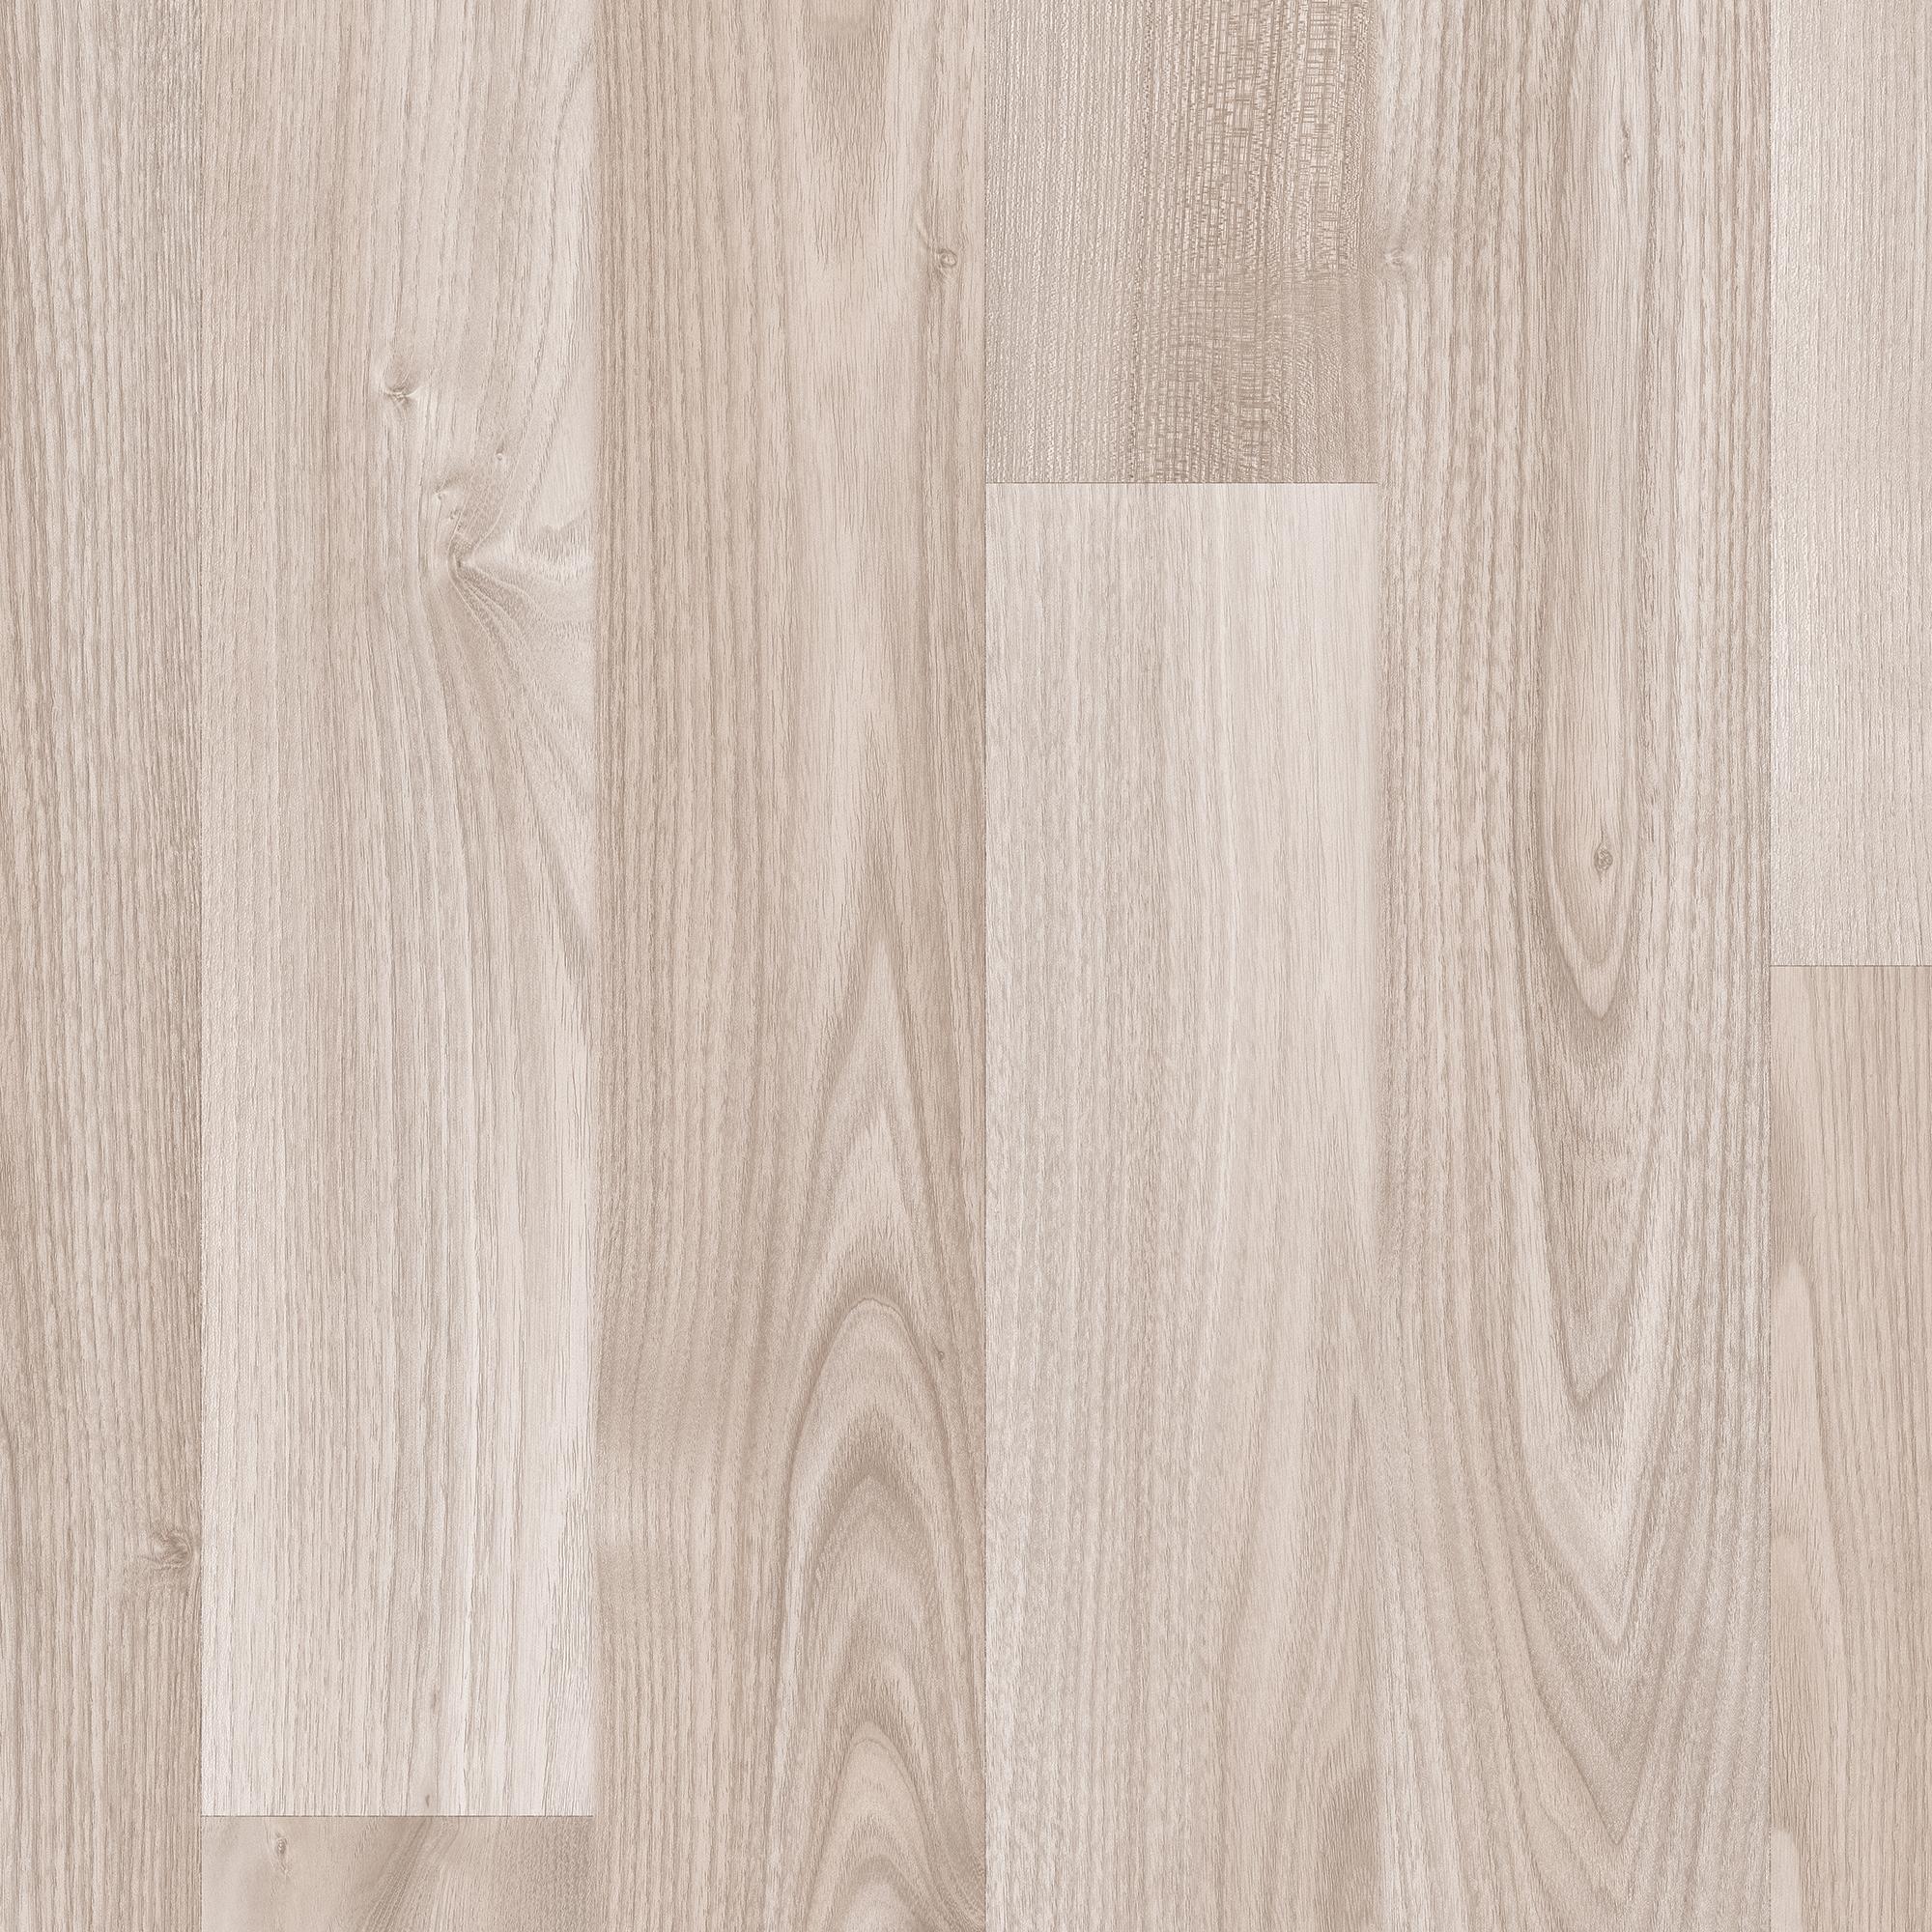 Laminatgolv BerryAlloc Original Skagen Oak 2-Stav